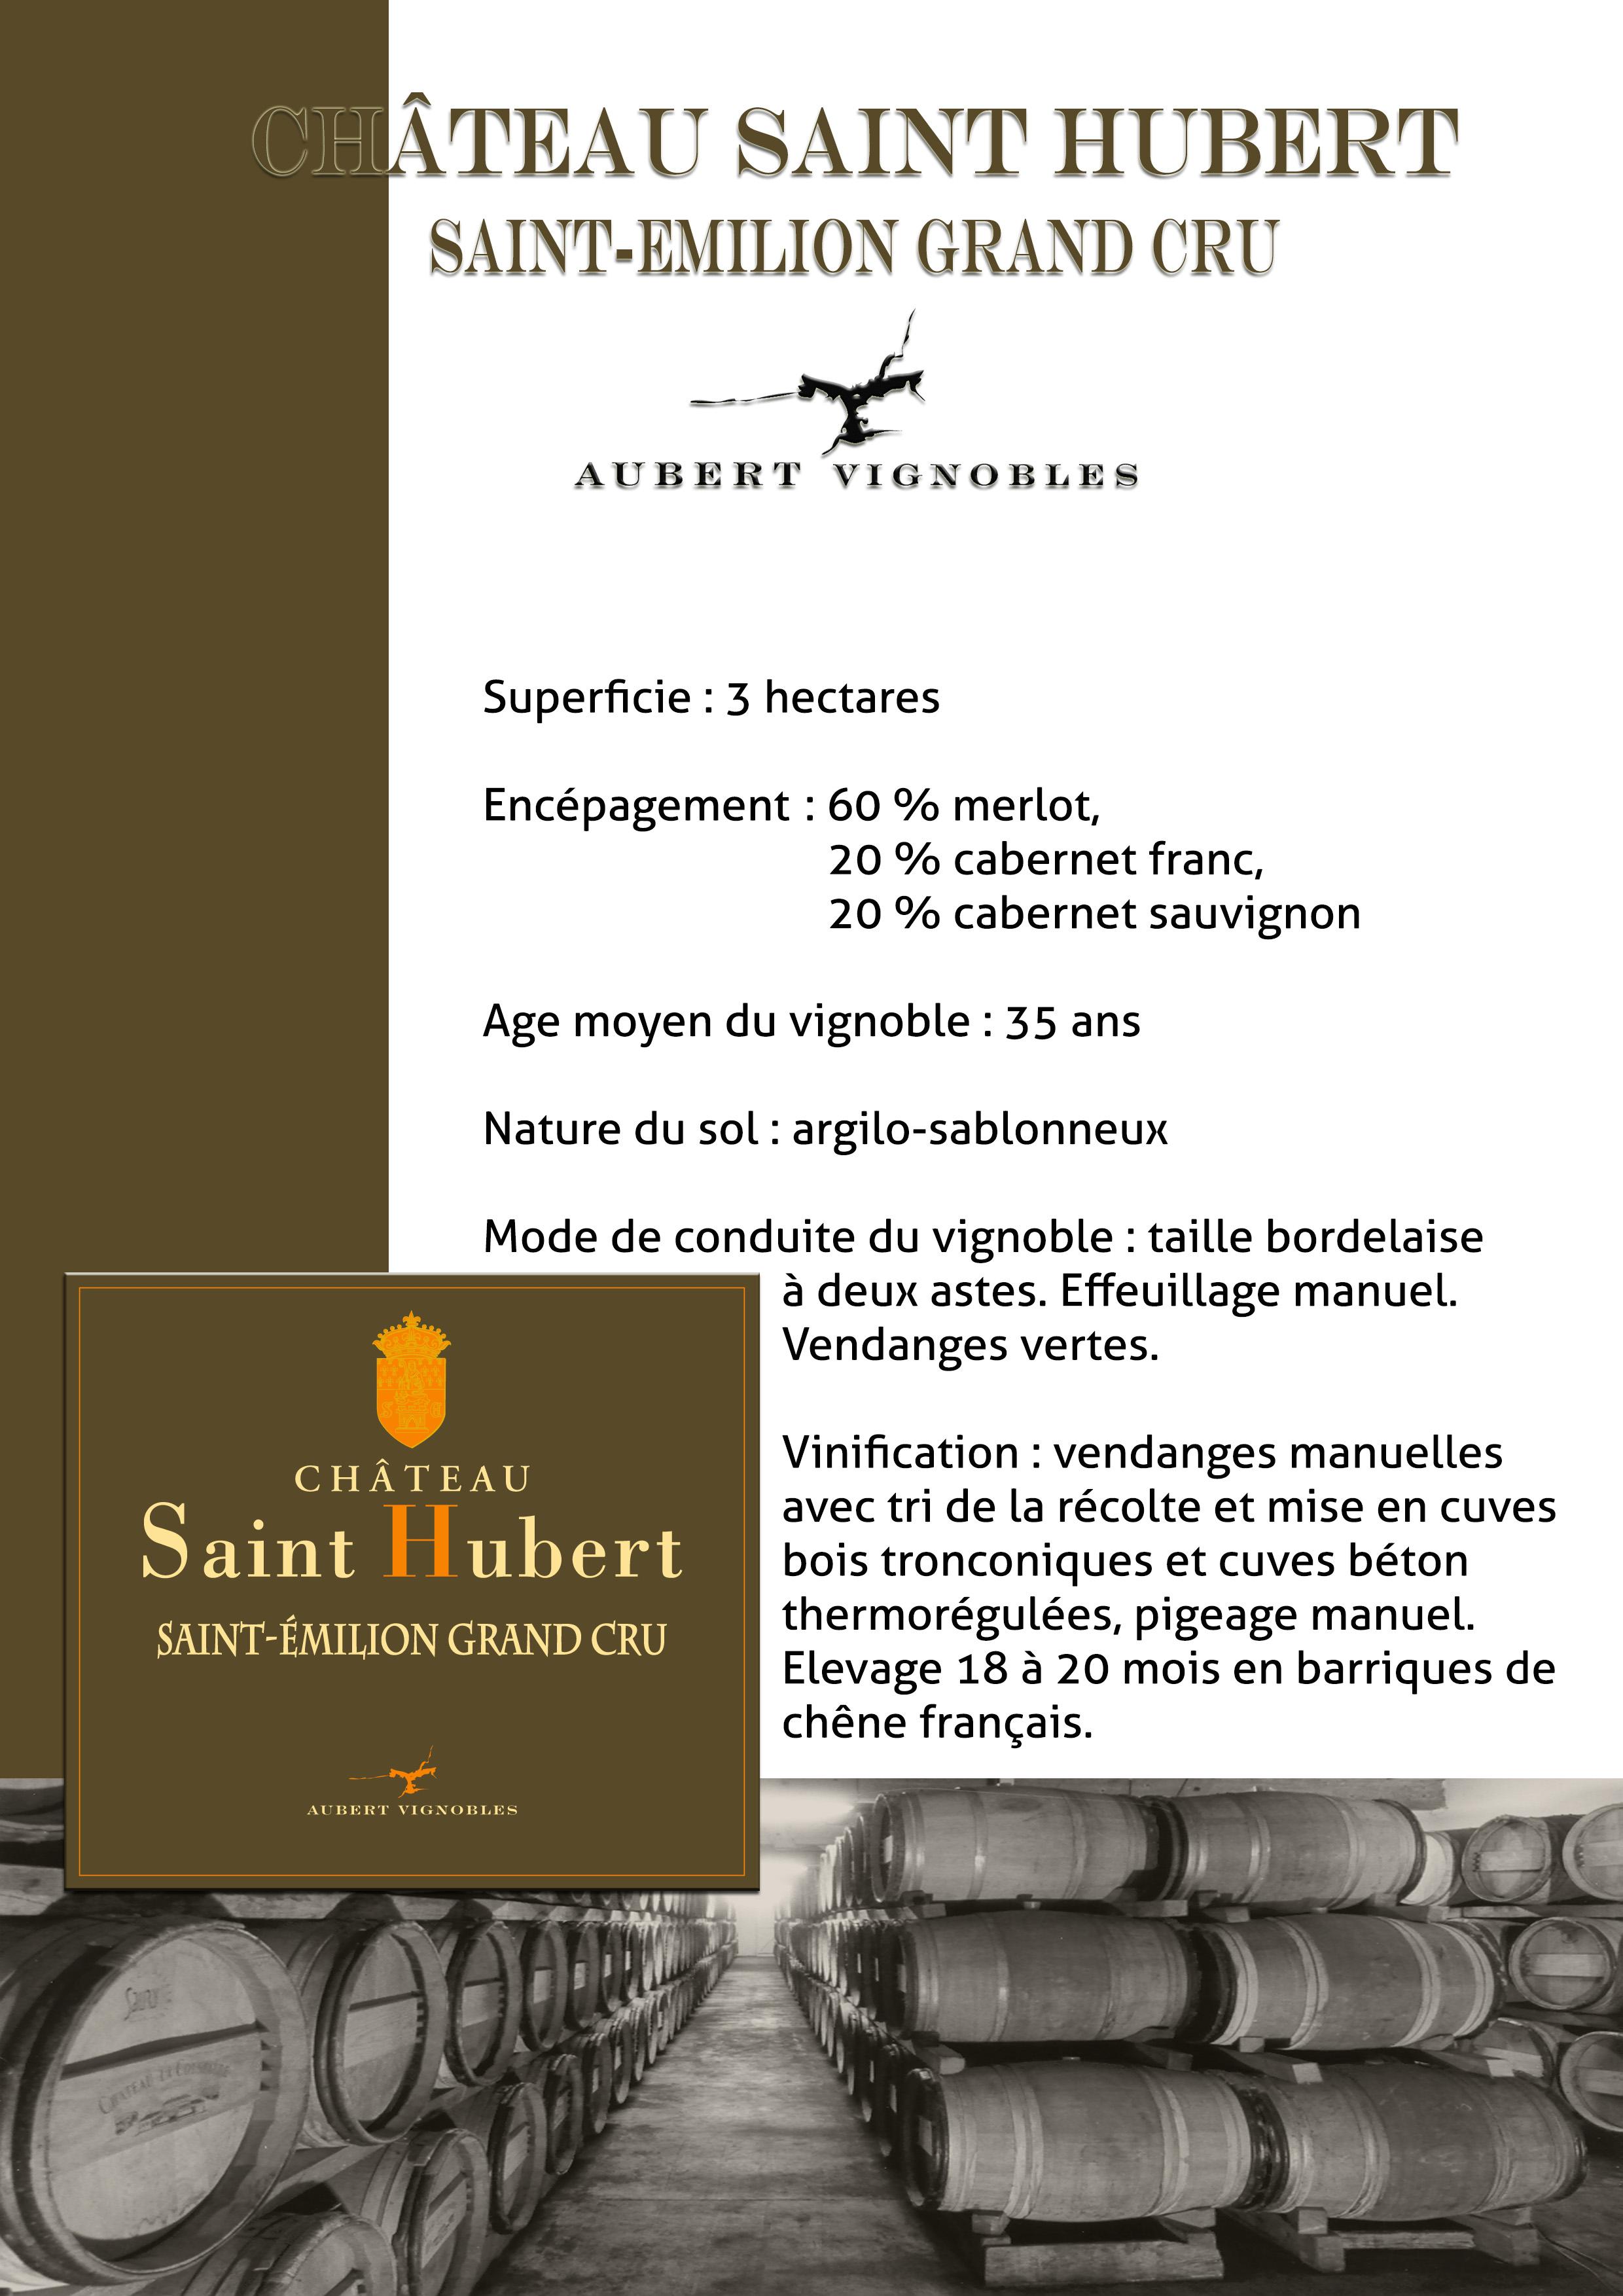 Château Saint Hubert